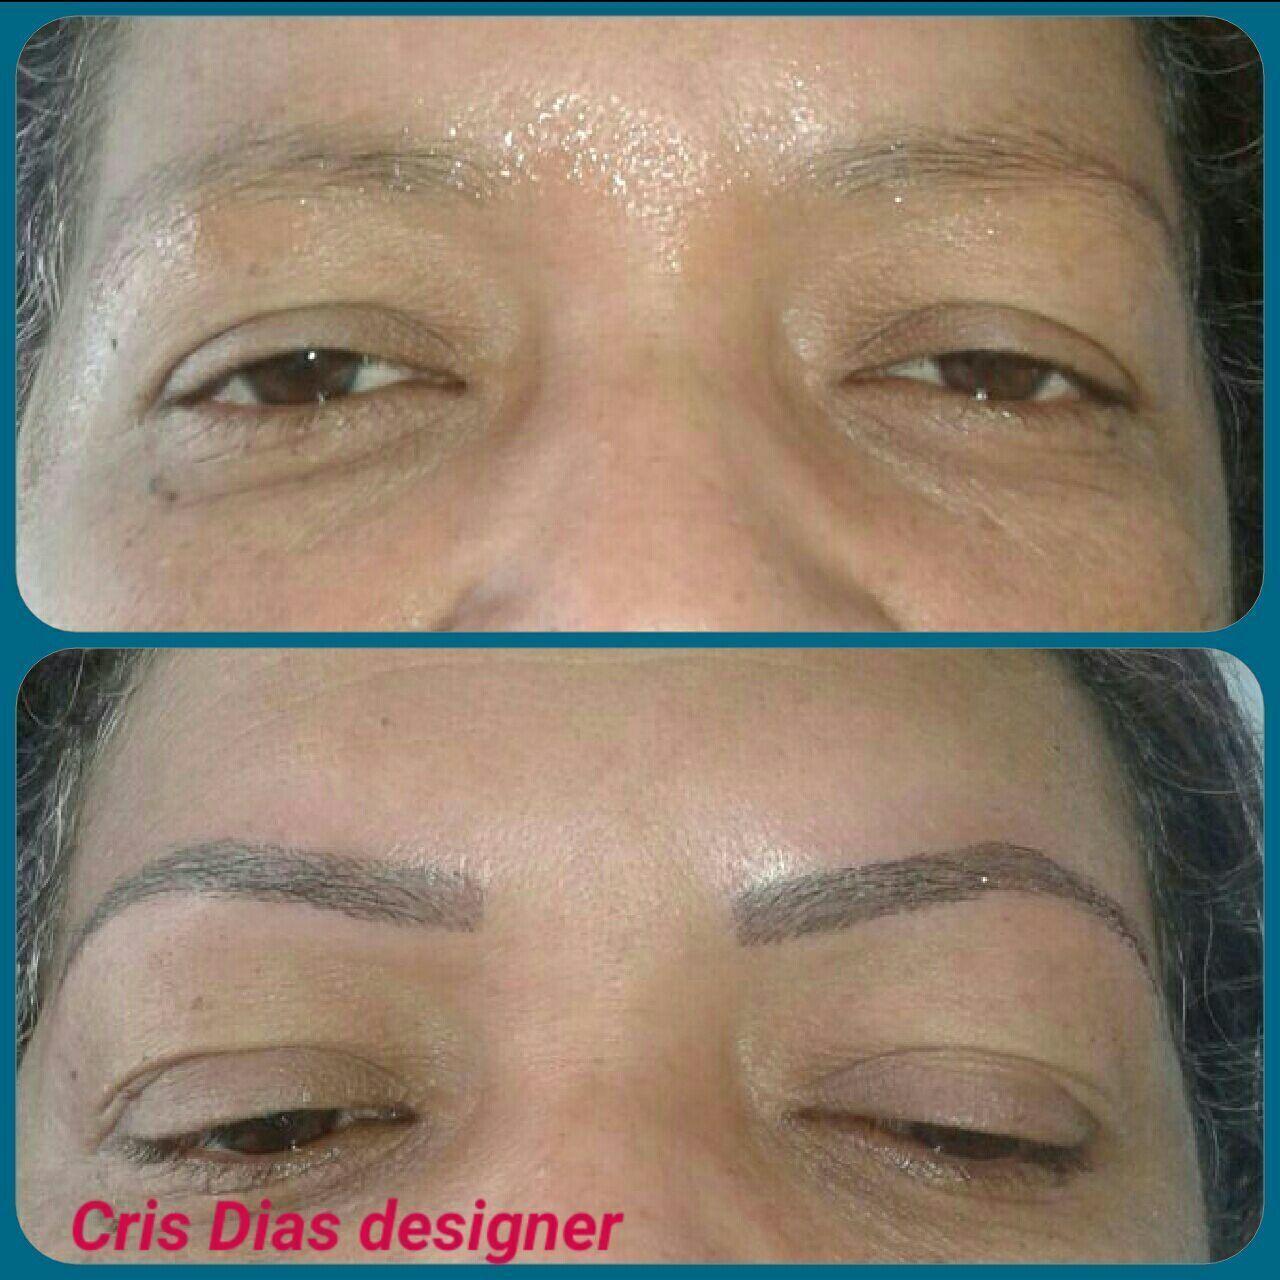 Correcao de falhas estética micropigmentador(a) designer de sobrancelhas esteticista depilador(a)